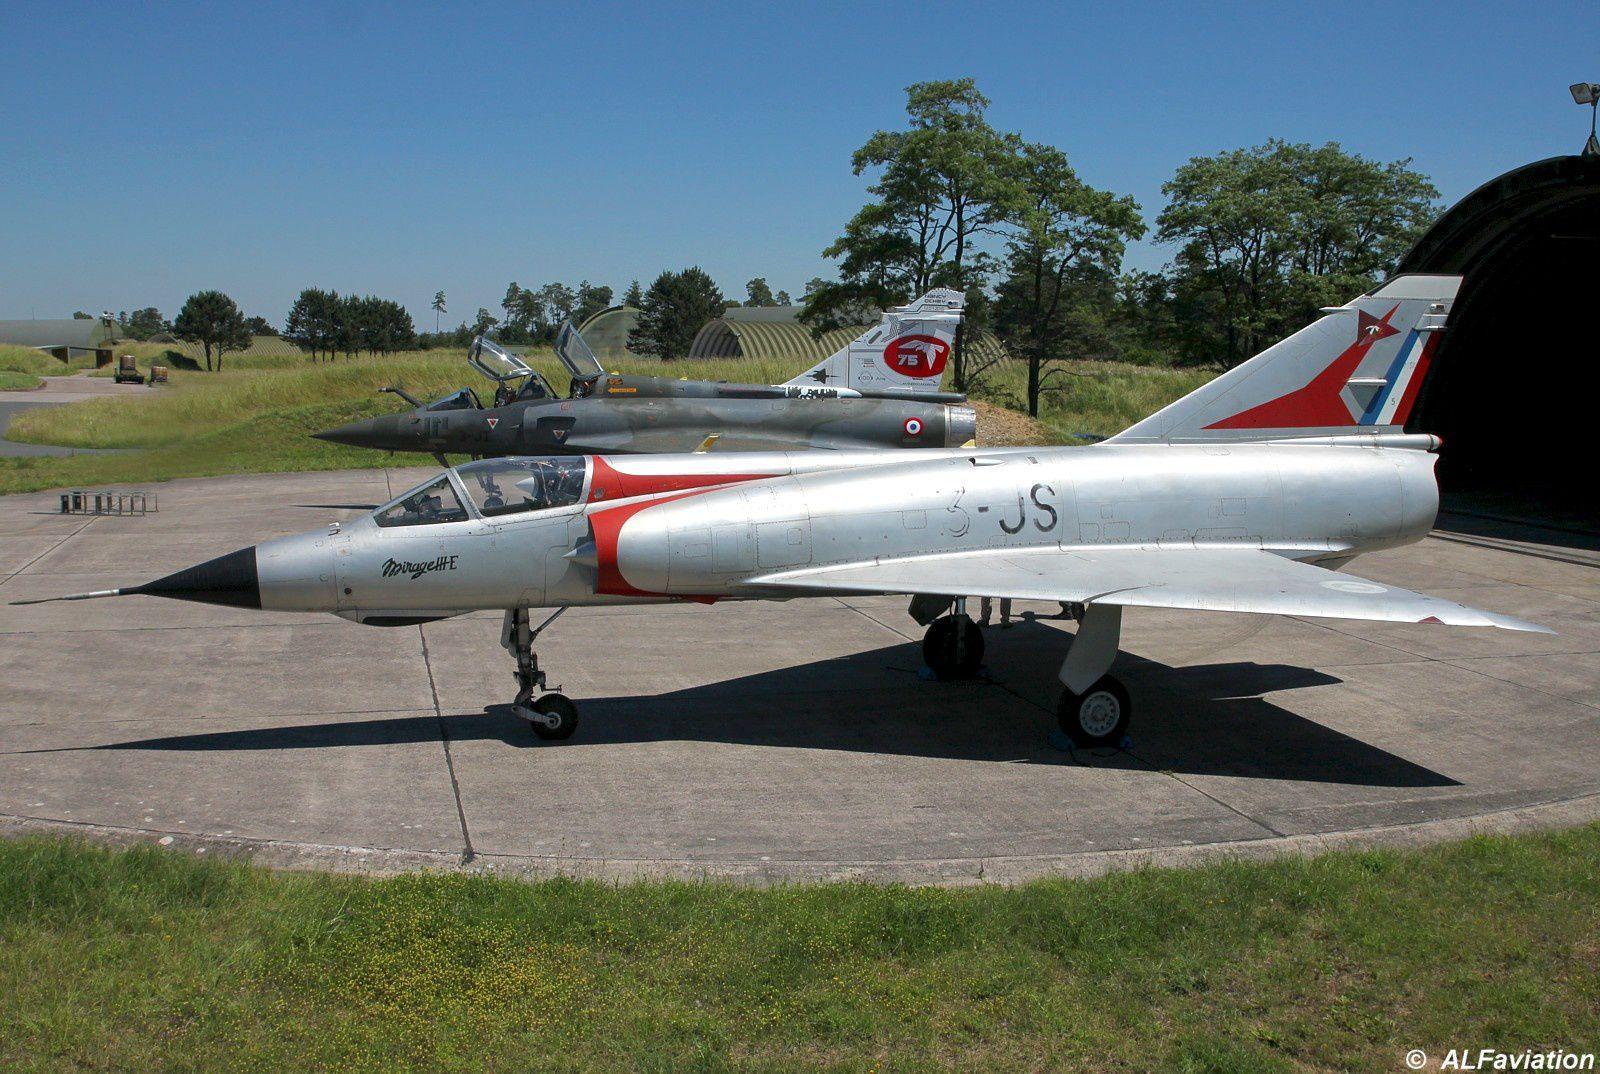 Ancienne monture de la SPA 75, le Mirage IIIE porteur de sa superbe robe argentée.